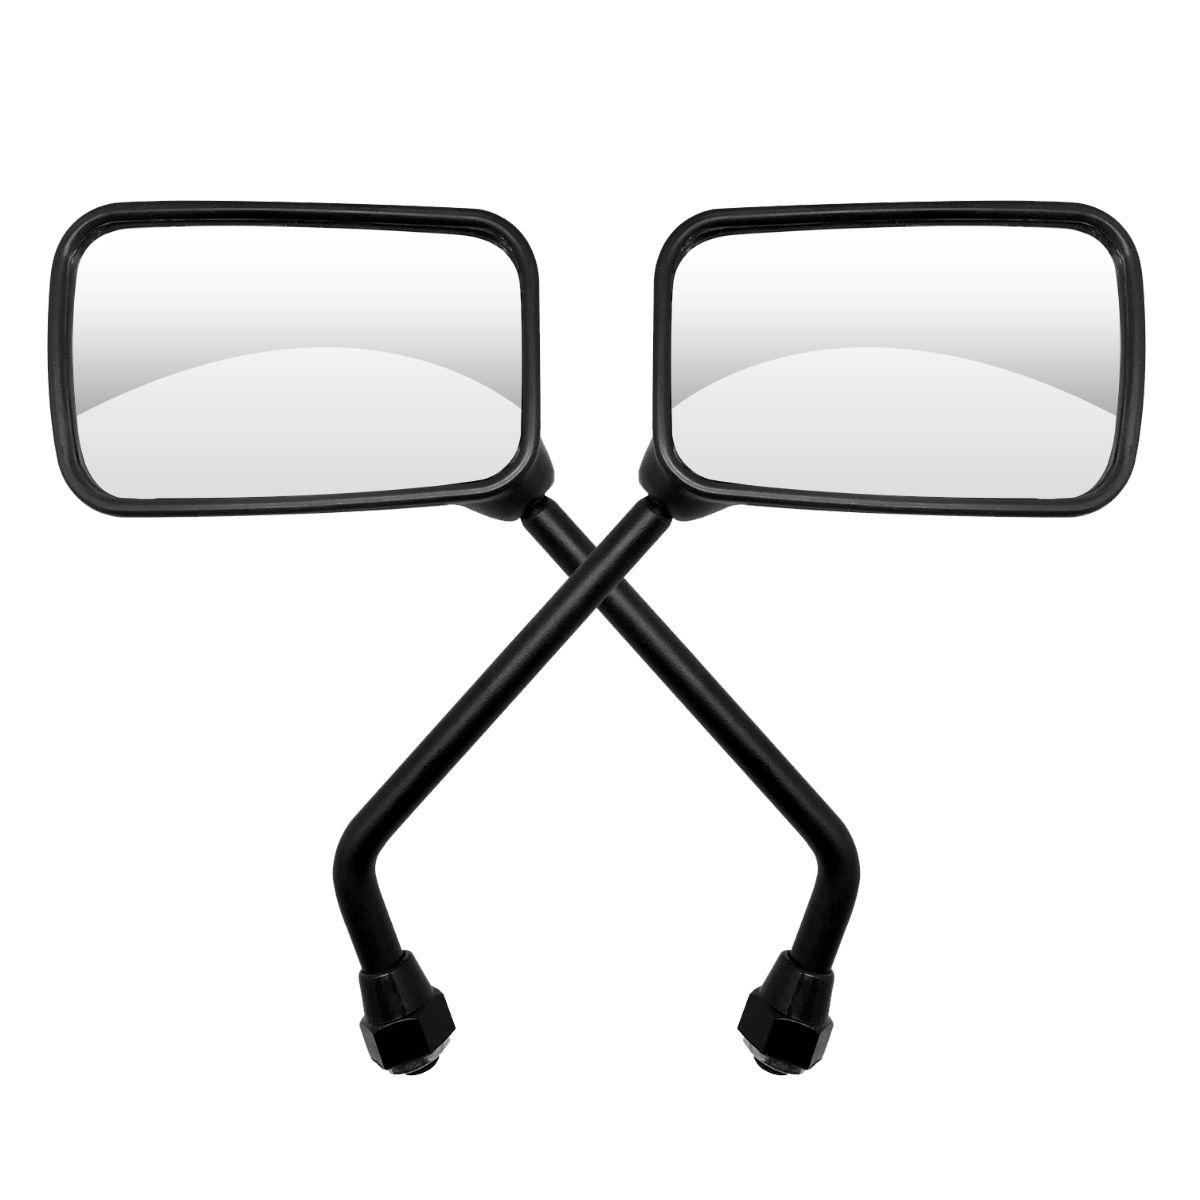 Espelho Retrovisor Mini - Direito e Esquerdo - Honda CBX 250 Twister / CBX 200 Strada - Rosca Universal Honda - Lente Plana - GVS